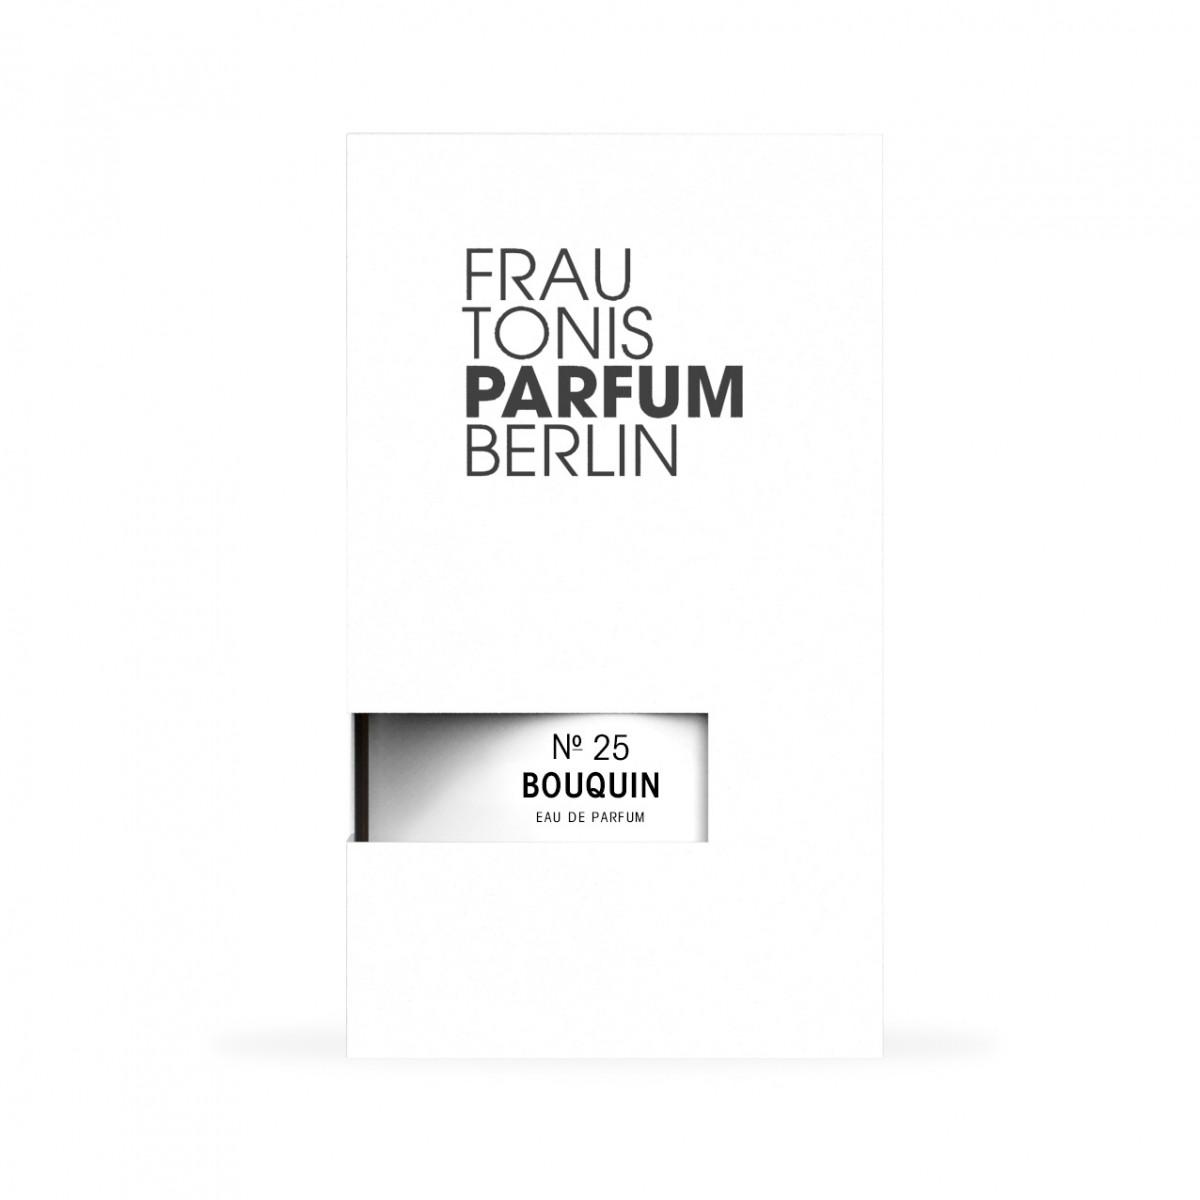 No. 25 Bouquin   Eau de Parfum (50ml)